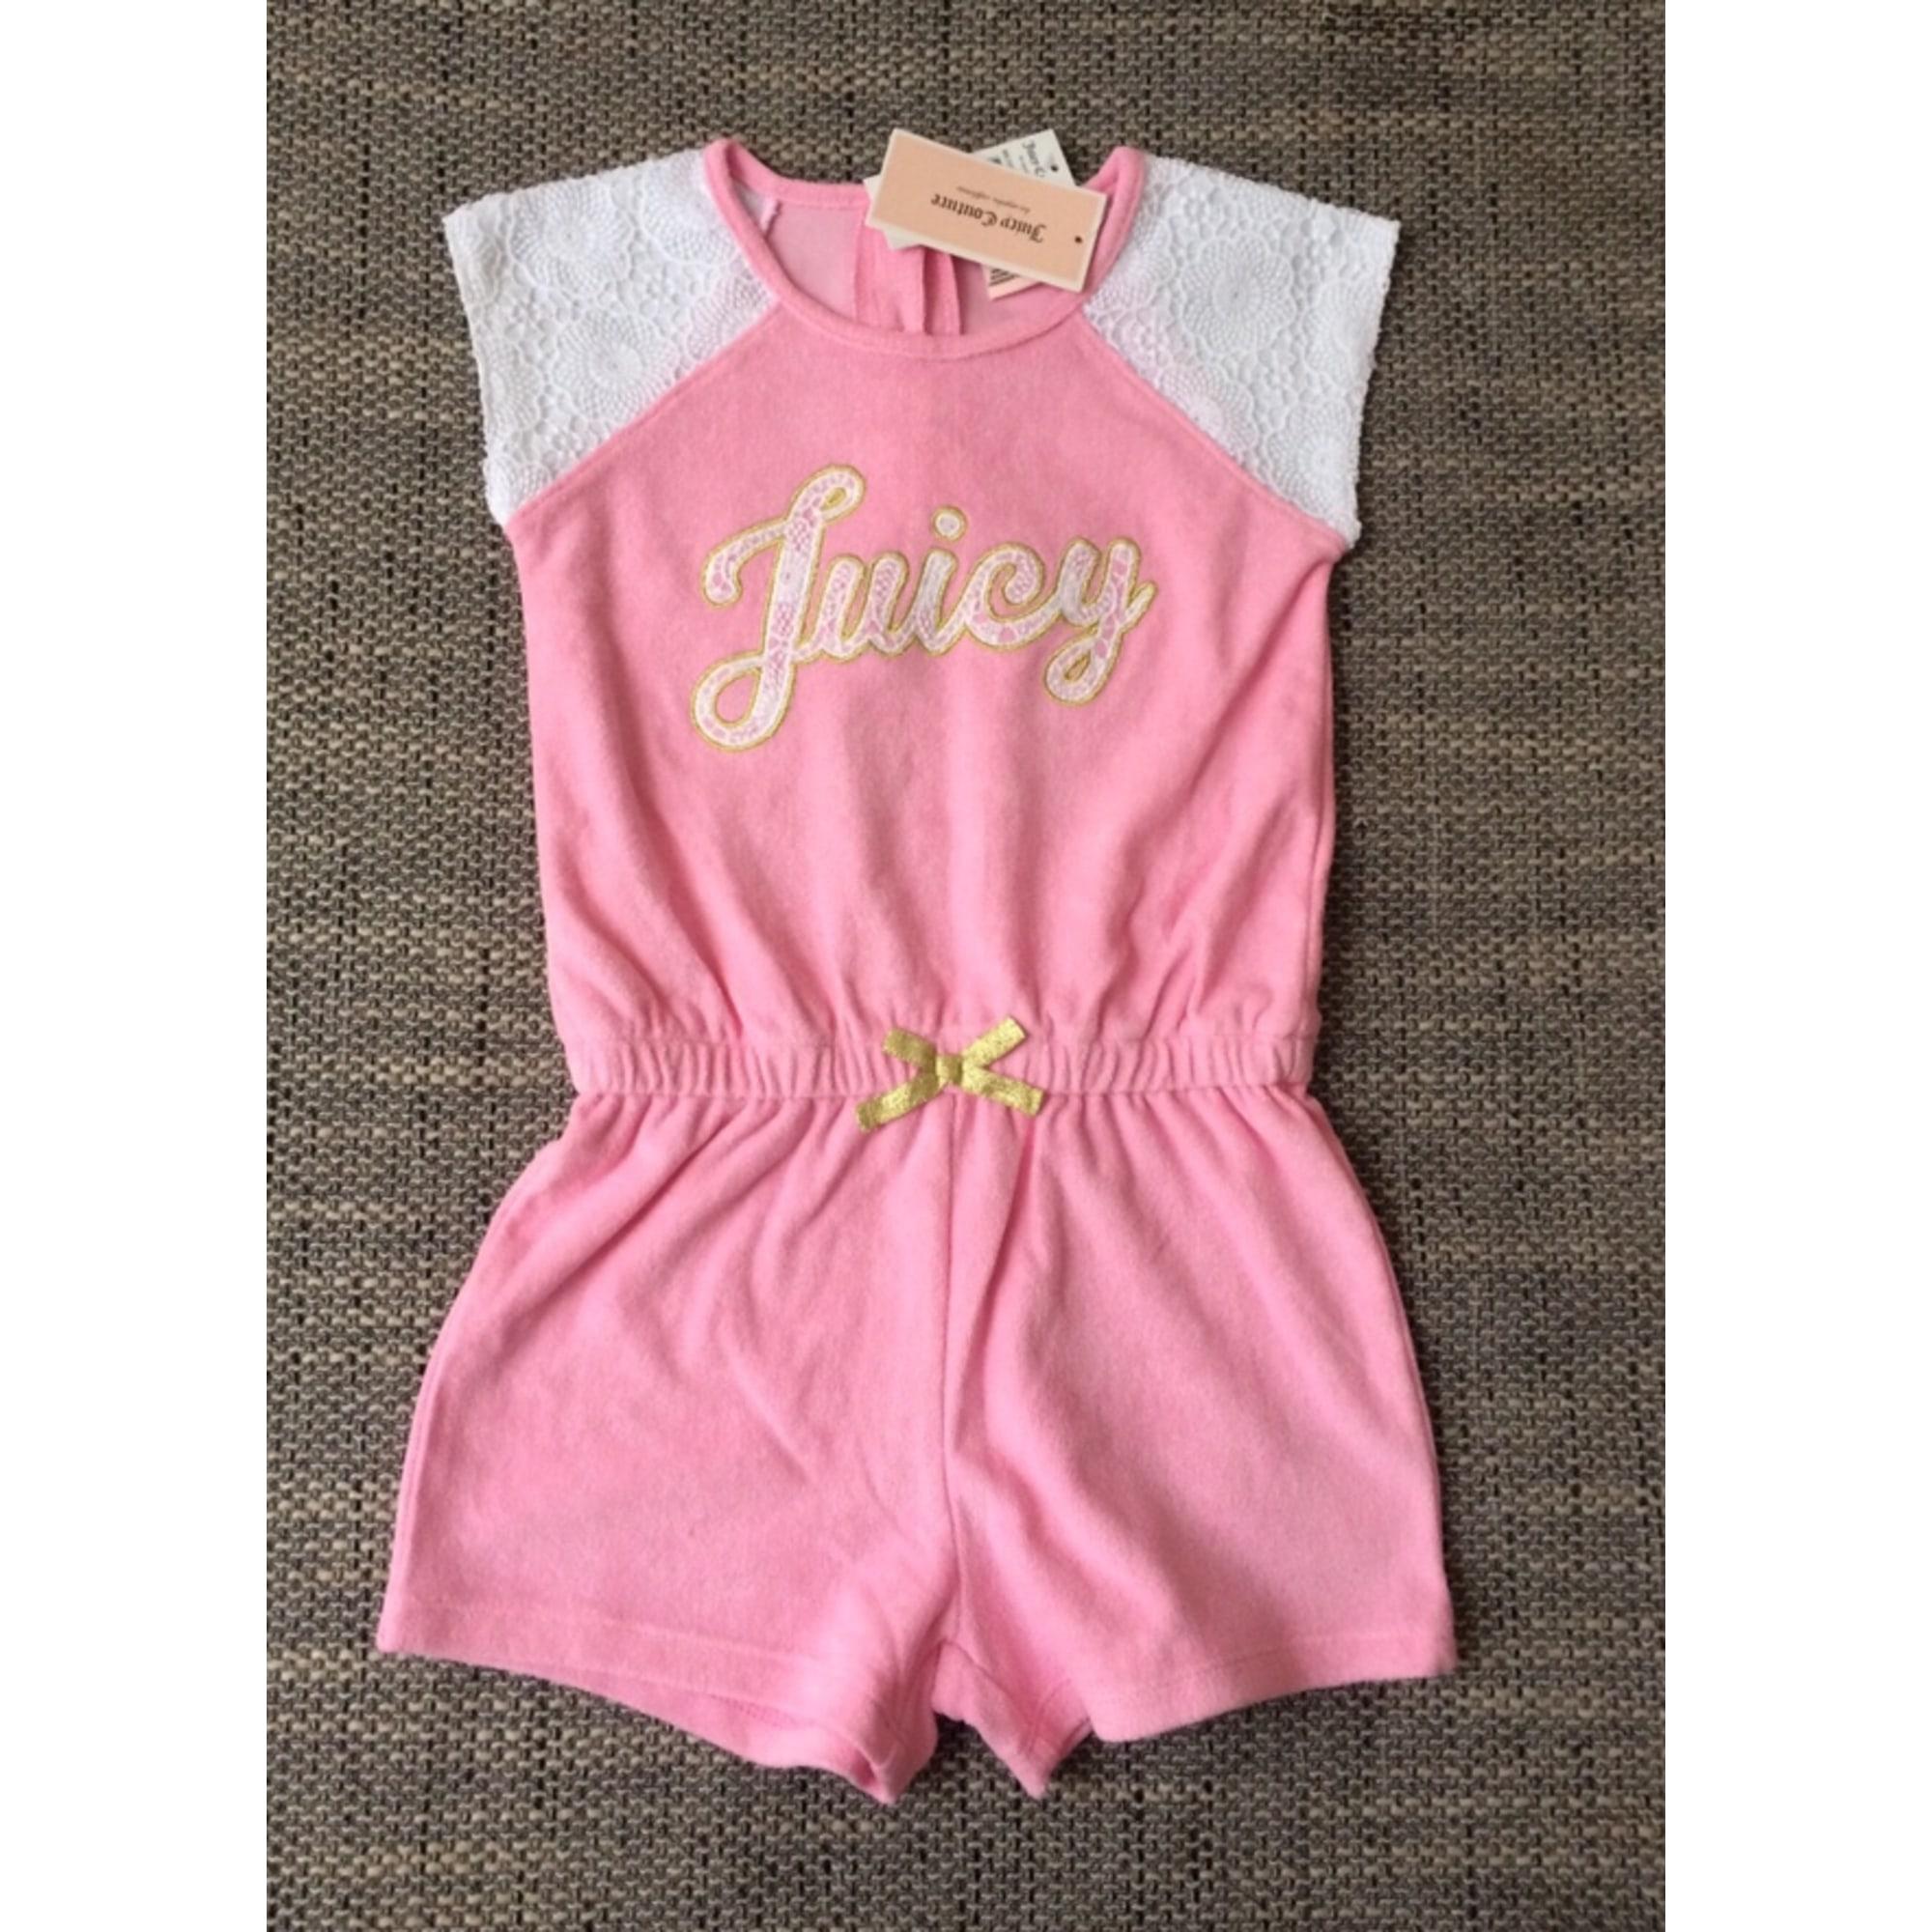 Anzug, Set für Kinder, kurz JUICY COUTURE Pink,  altrosa